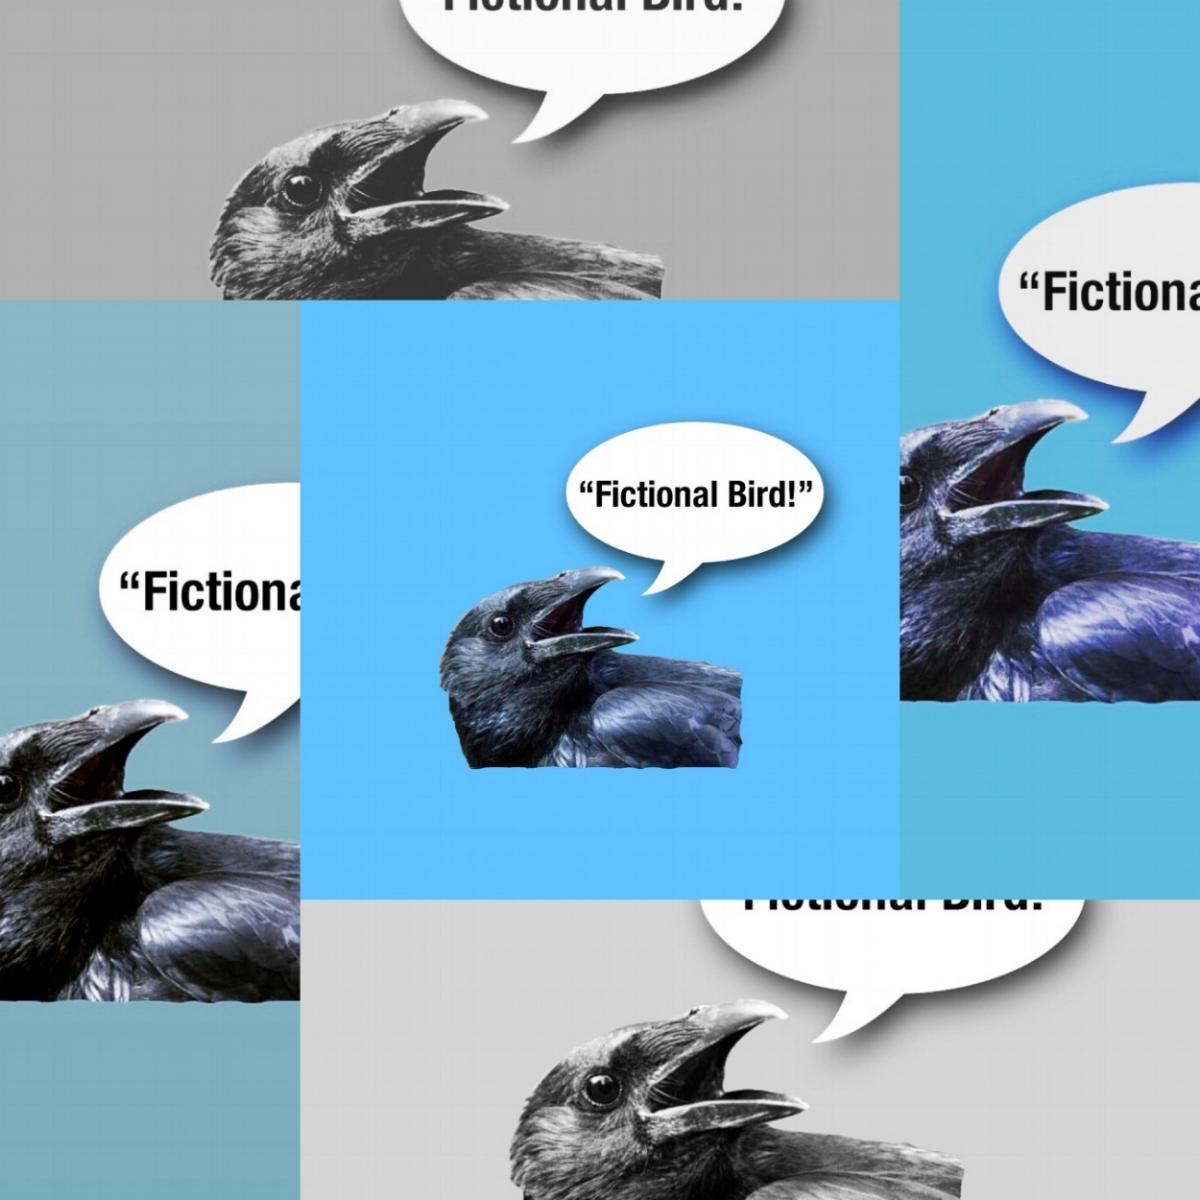 [Fictional Bird]